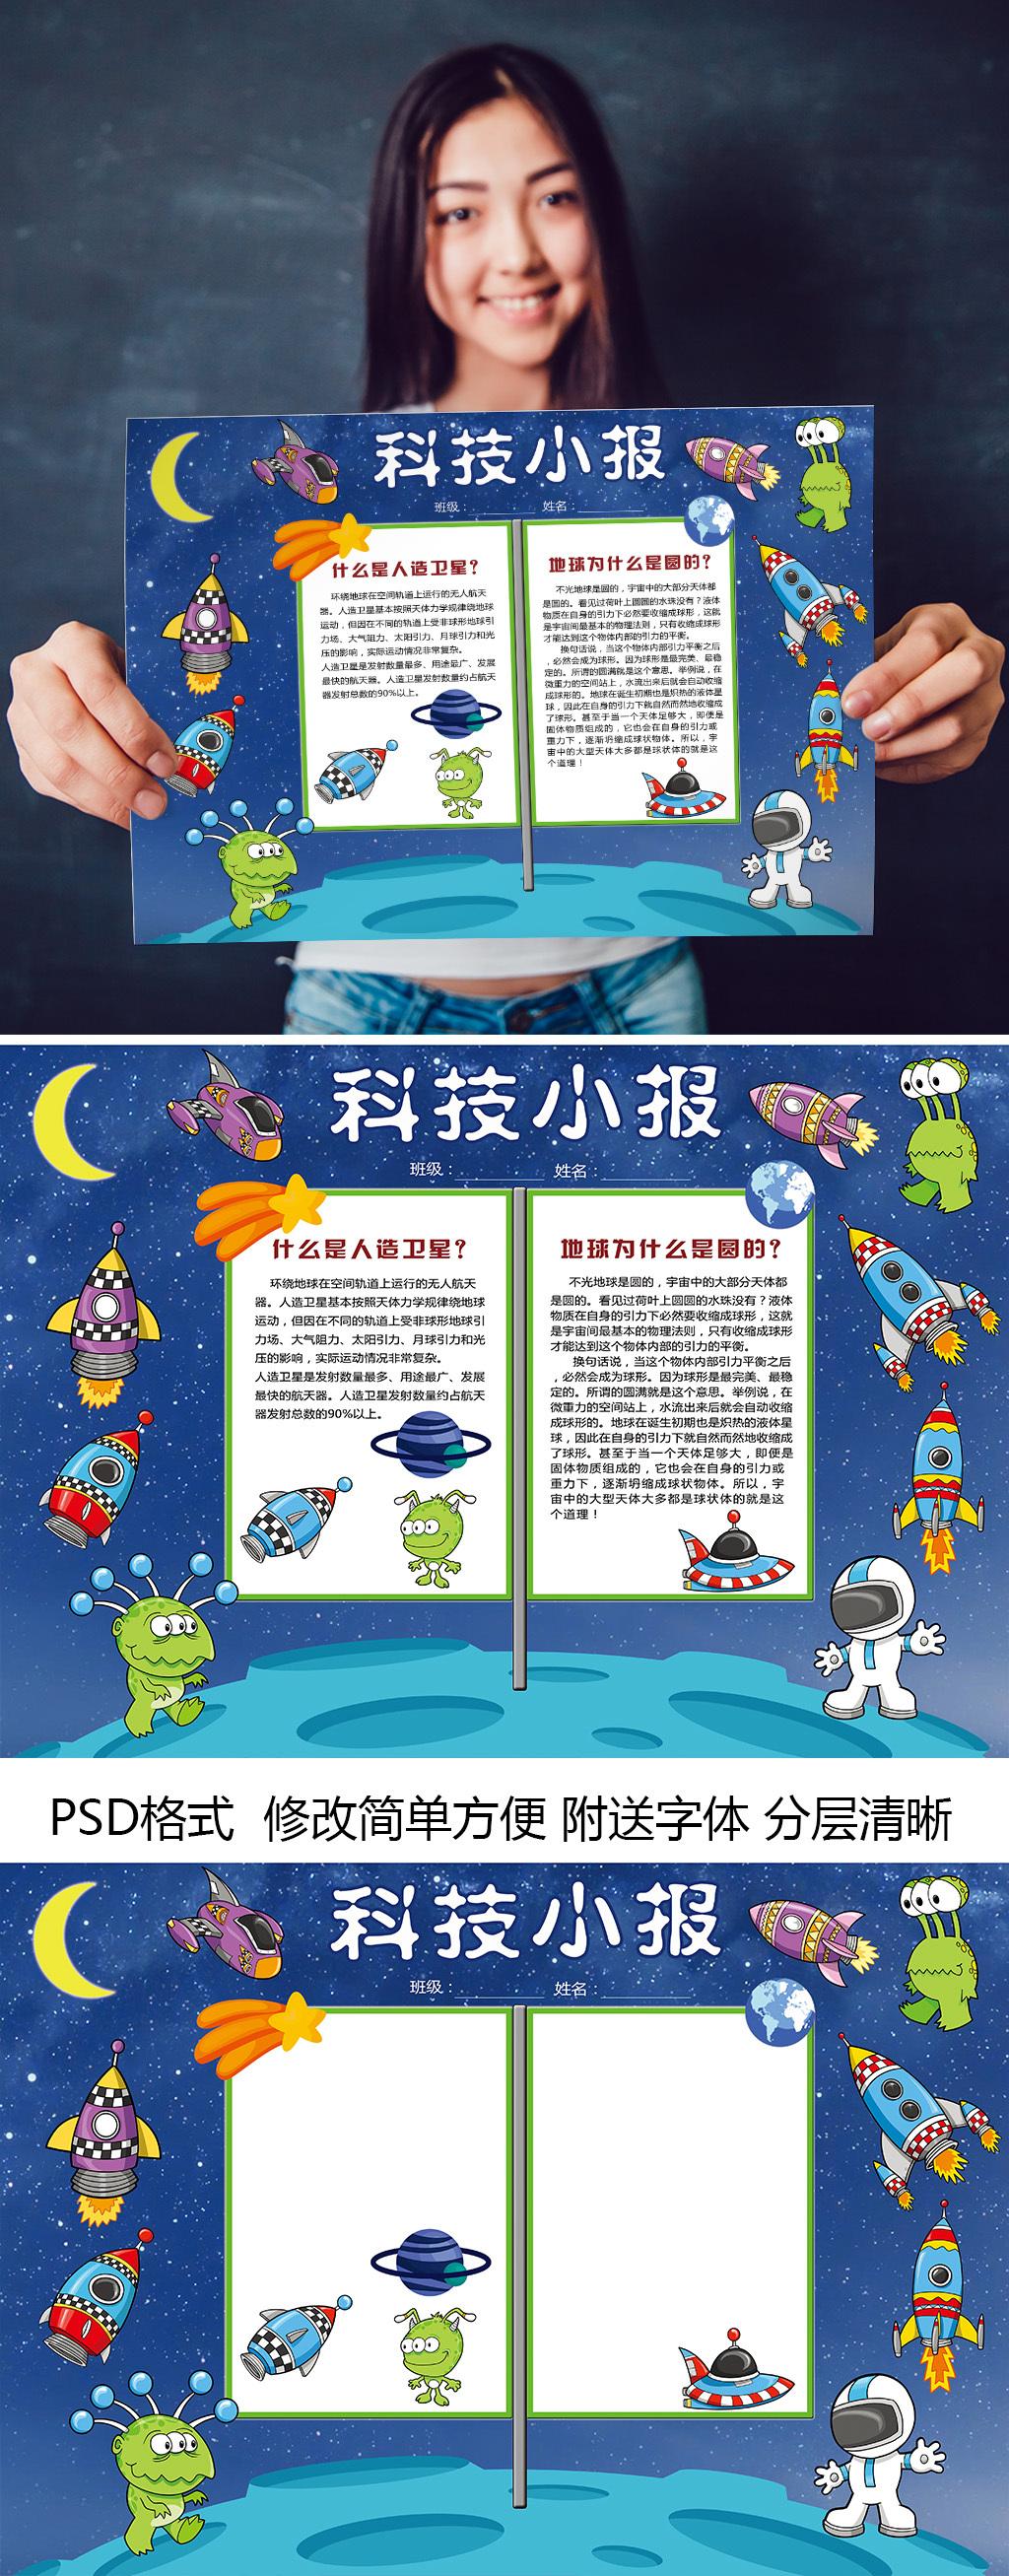 蓝色星空宇宙科技小报伟大发明科普手抄报